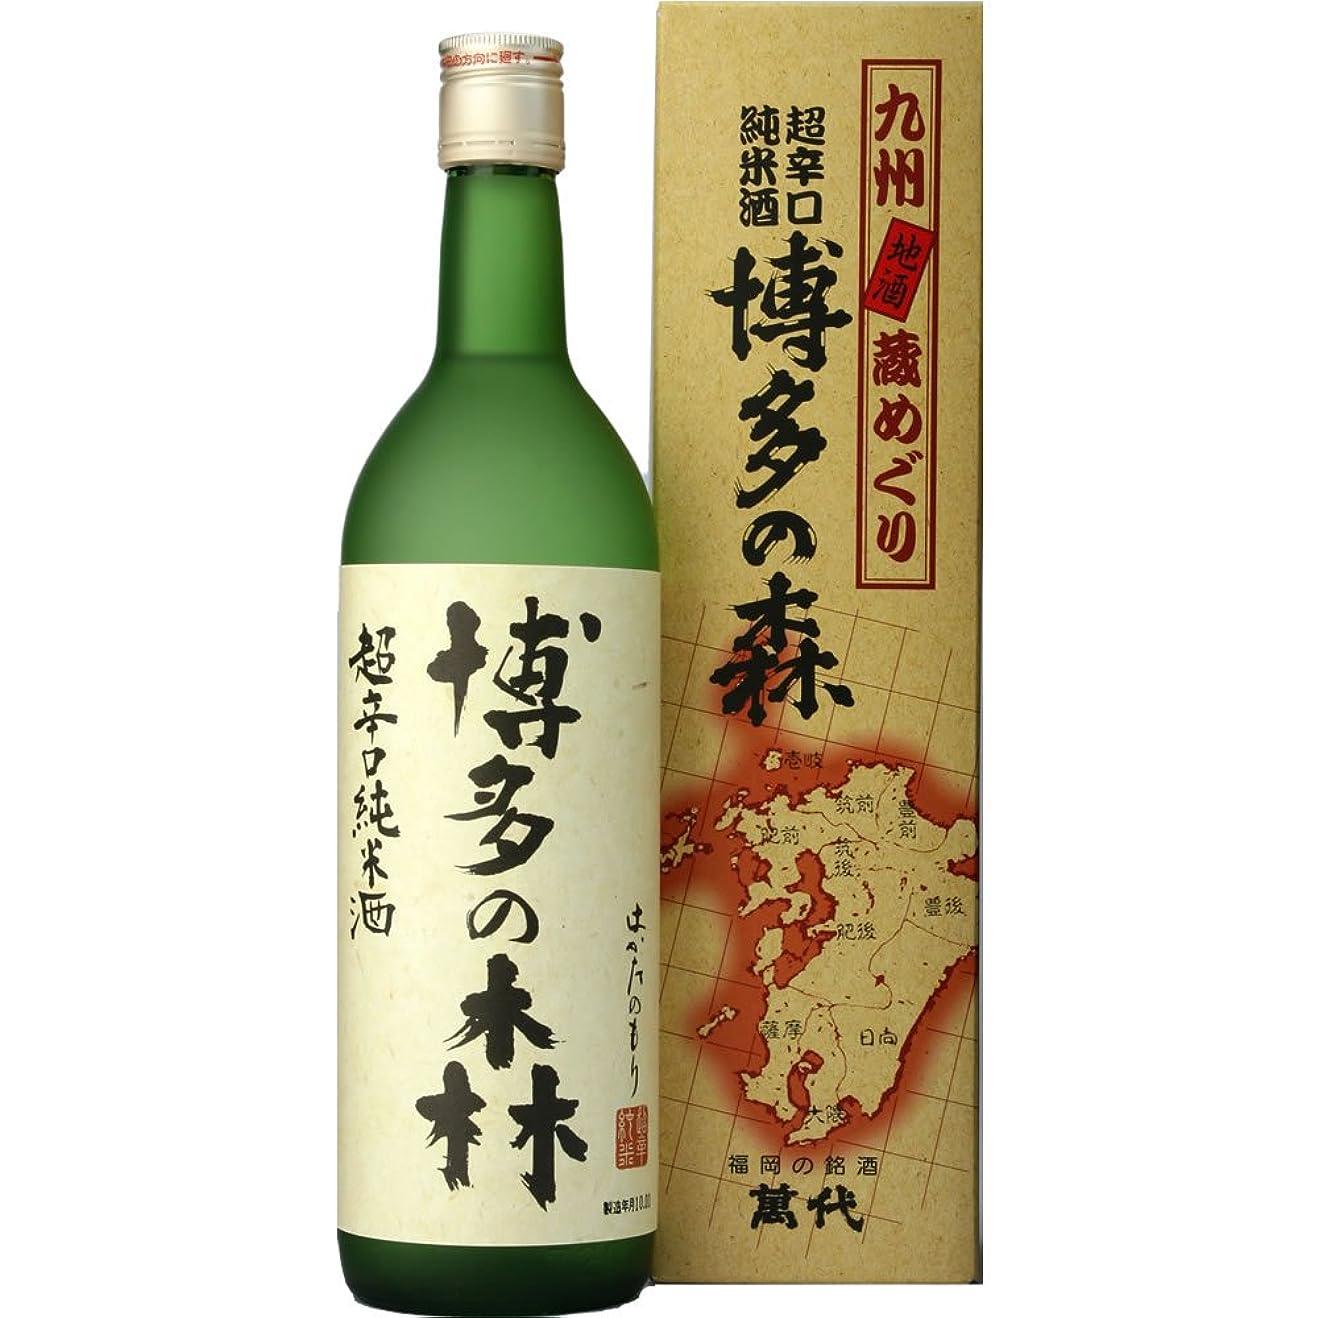 超辛口純米酒 博多の森 [ 日本酒 福岡県 720ml ]